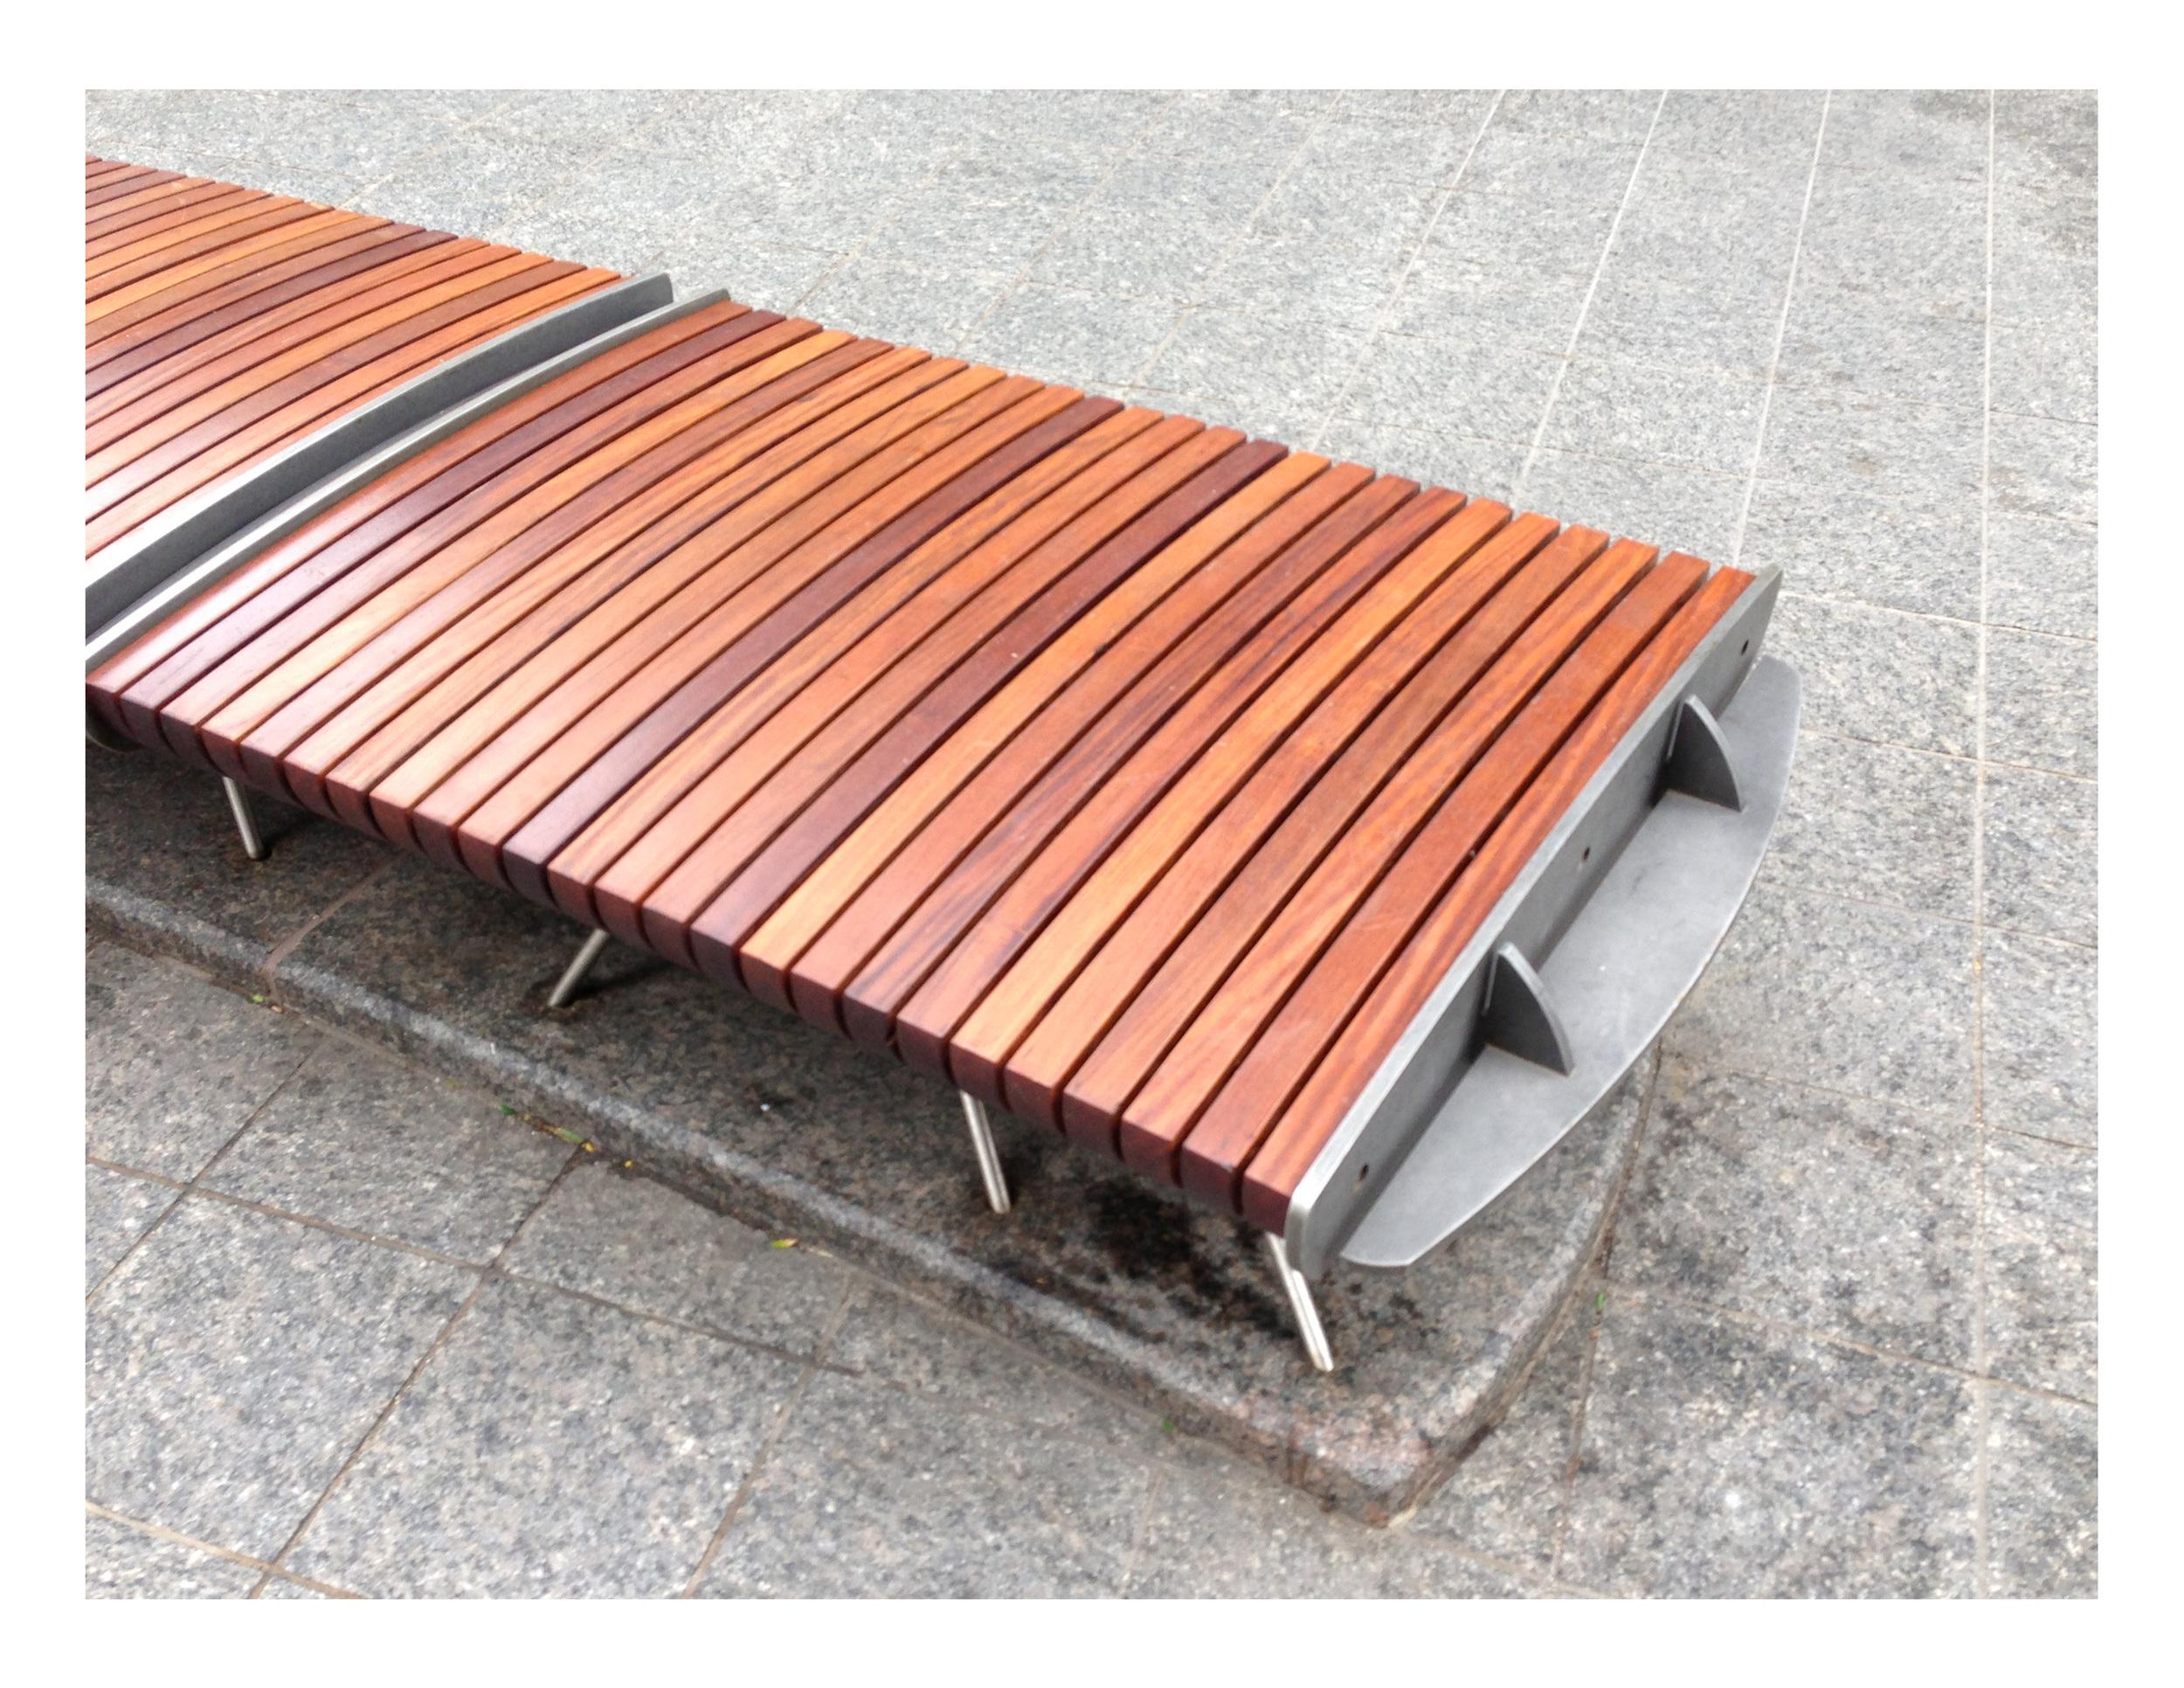 BNY-Mellon Bench/ One Boston Place